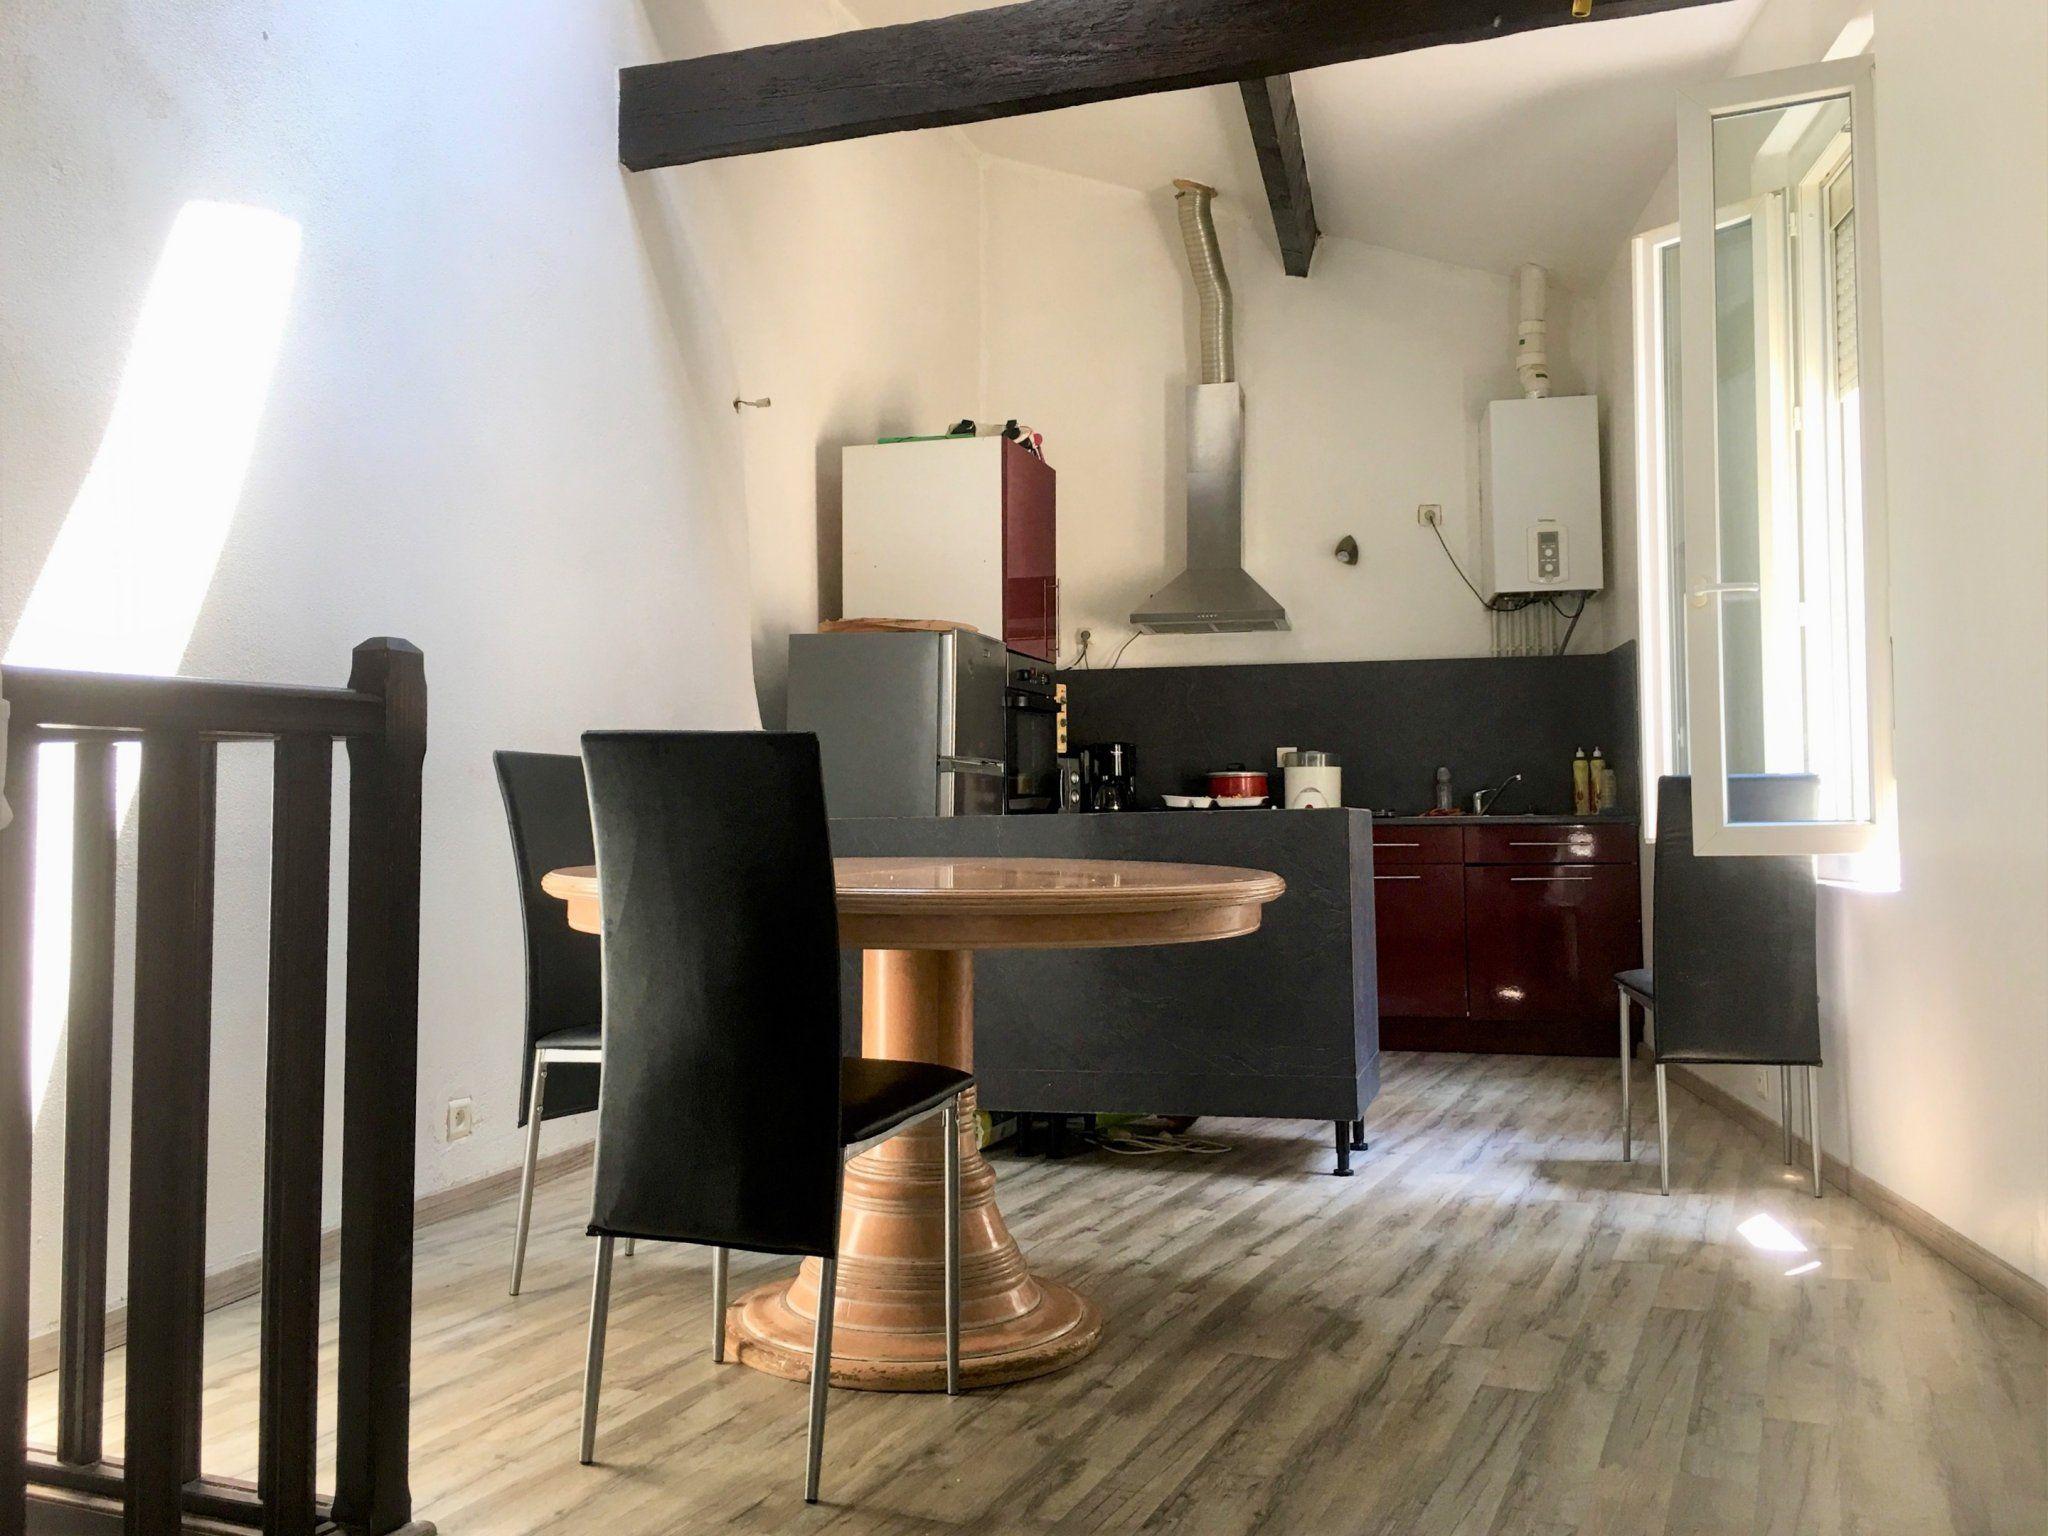 Maison De Ville D Environ 80 M Un Etage Avec 2 Chambres Et Une Cour Interieure Au Centre Ville De Carcassonne Agence Immobiliere Maison Maison De Ville